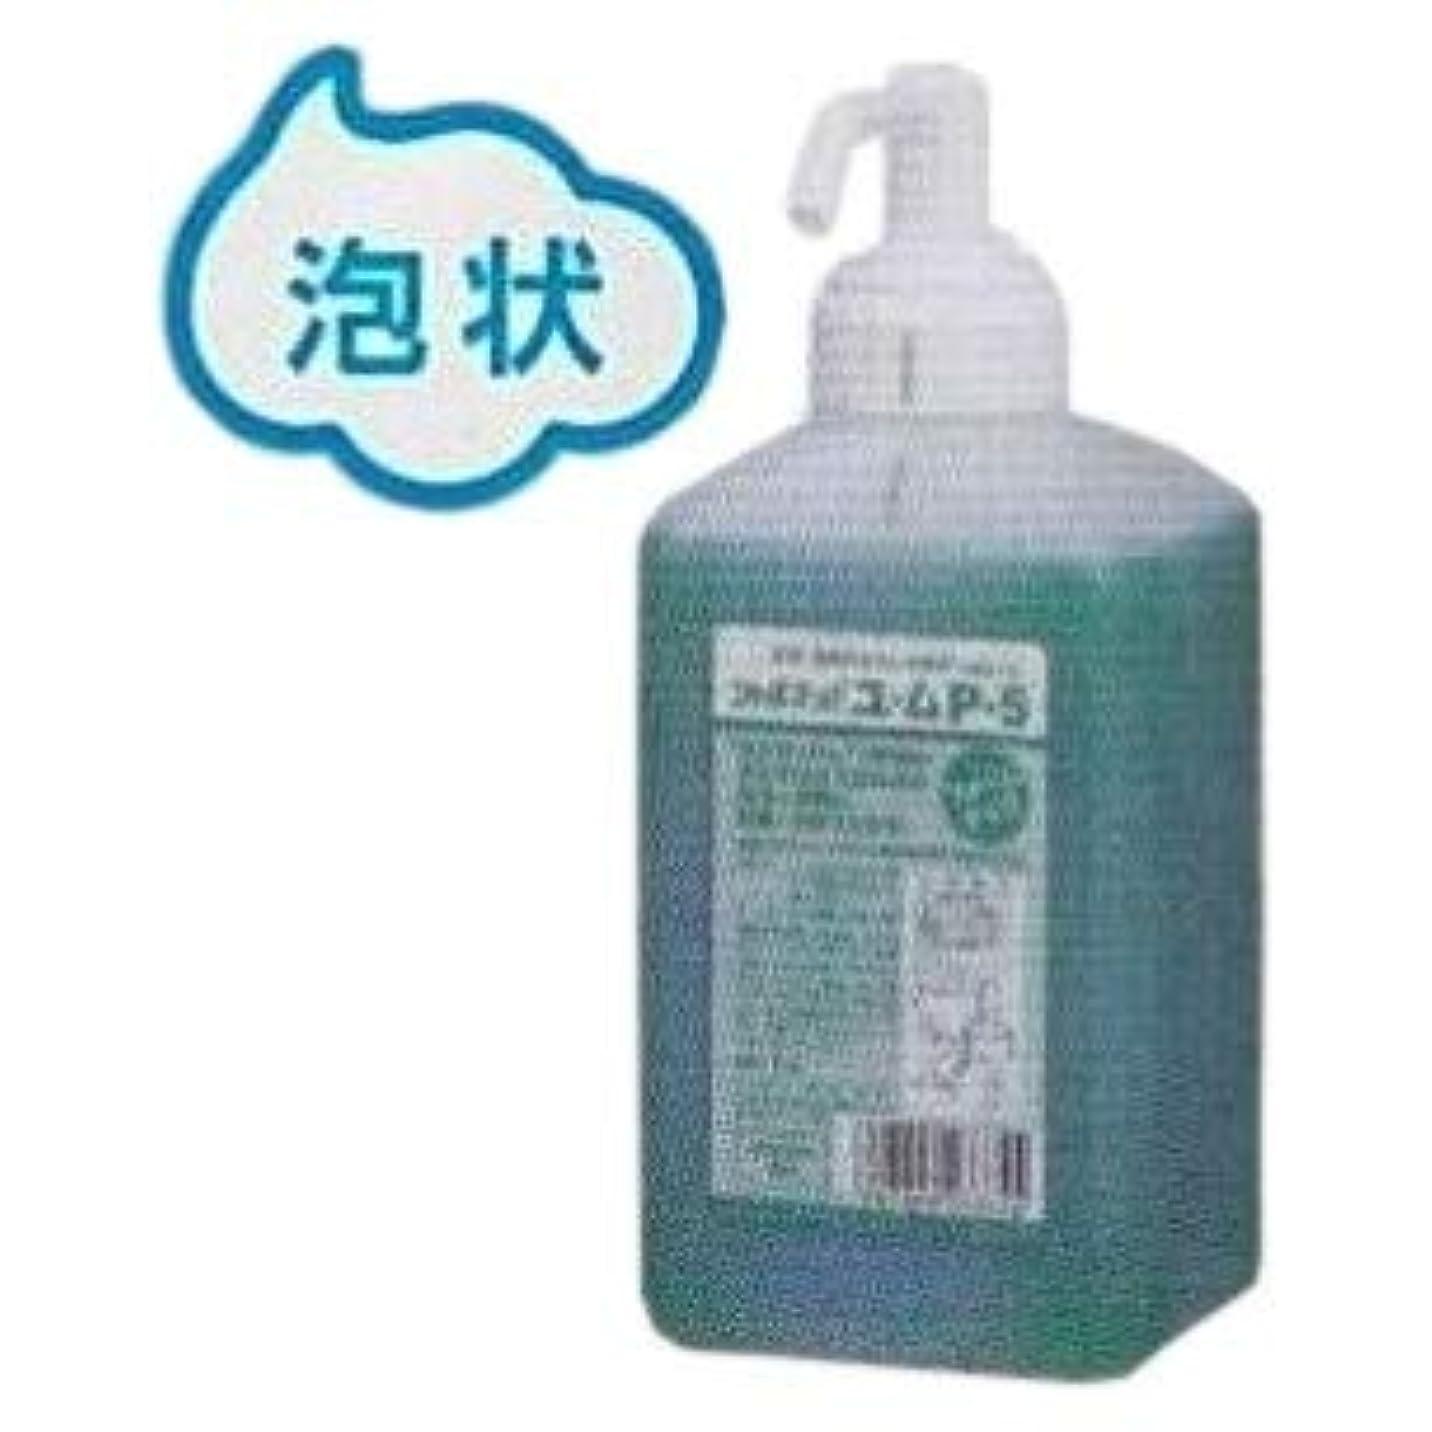 引数著名なメインサラヤ シャボネット ユ?ムP-5 1kg泡ポンプ付 無香料 サラヤ商品コード:23335